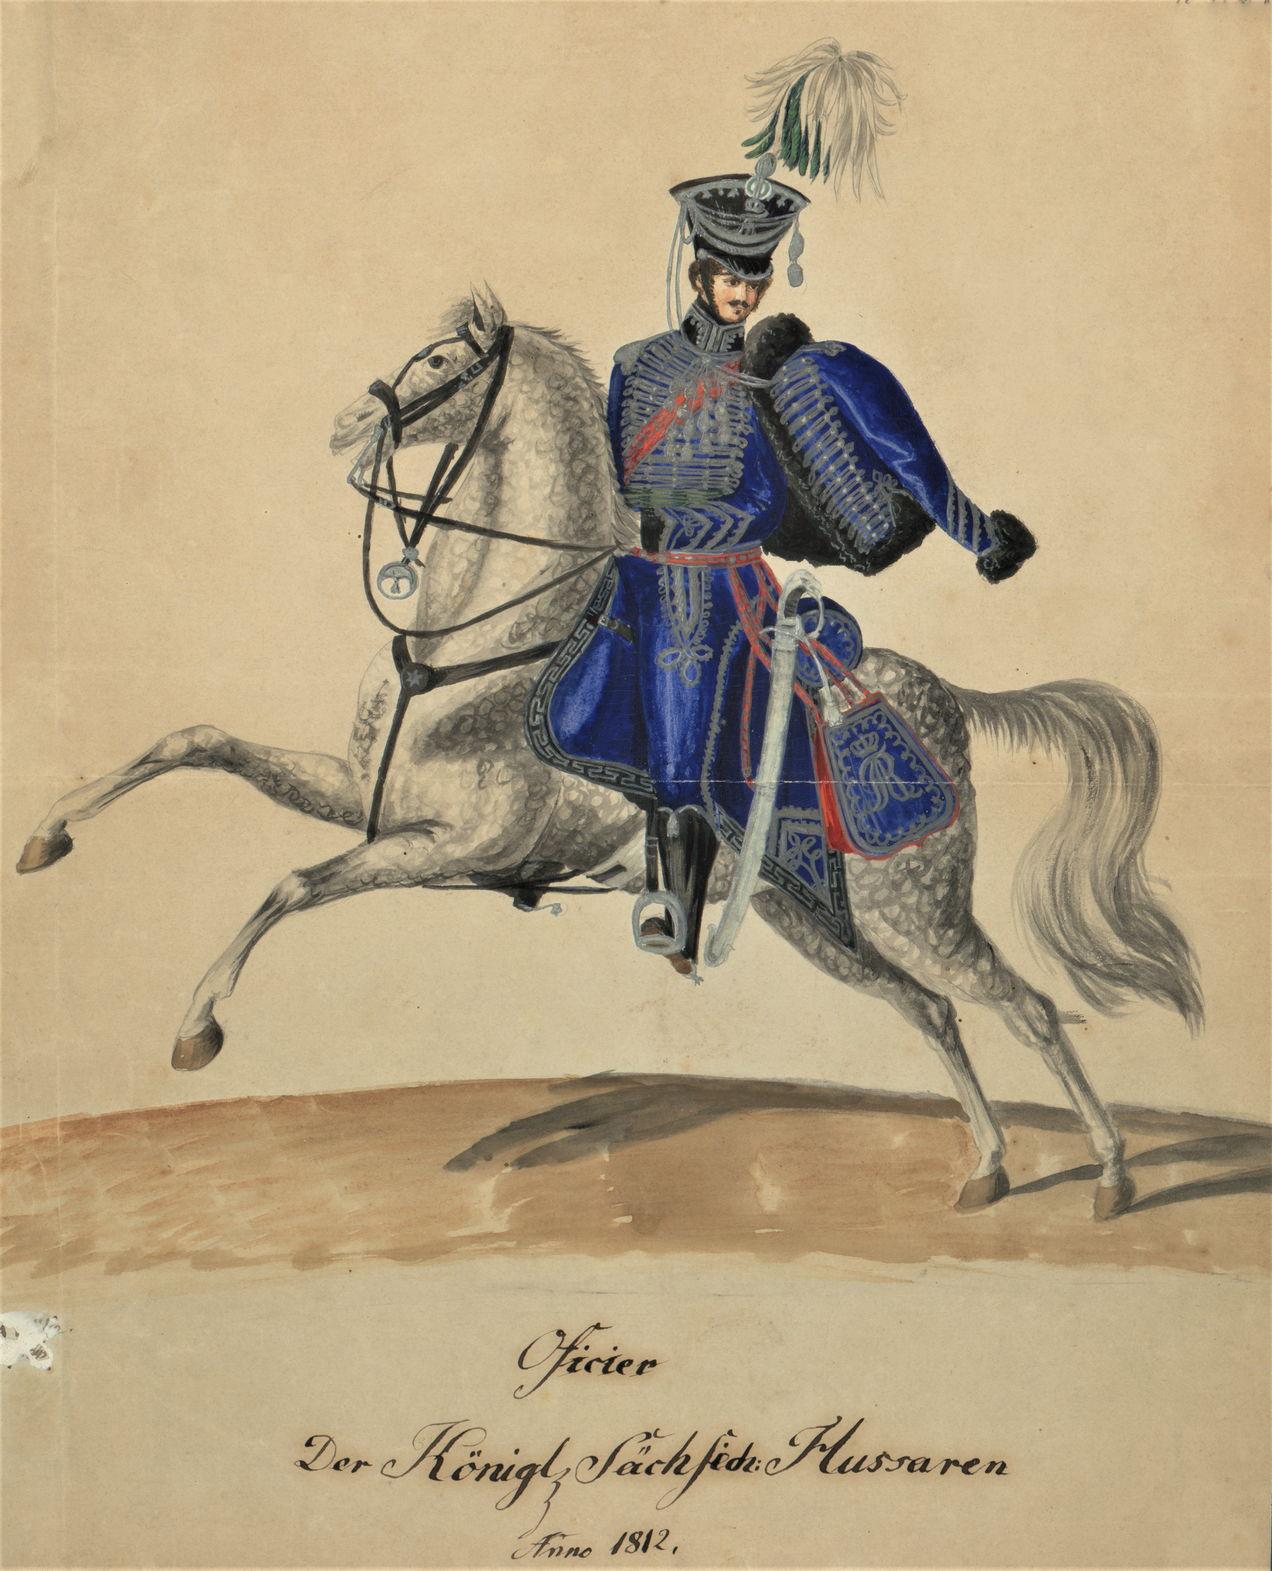 Офицер-гусар саксонской армии в 1812 году Копия с гравюры Вольфа и Югеля 1815 г. Около 1911 г. Бумага, акварель Публикуется впервые